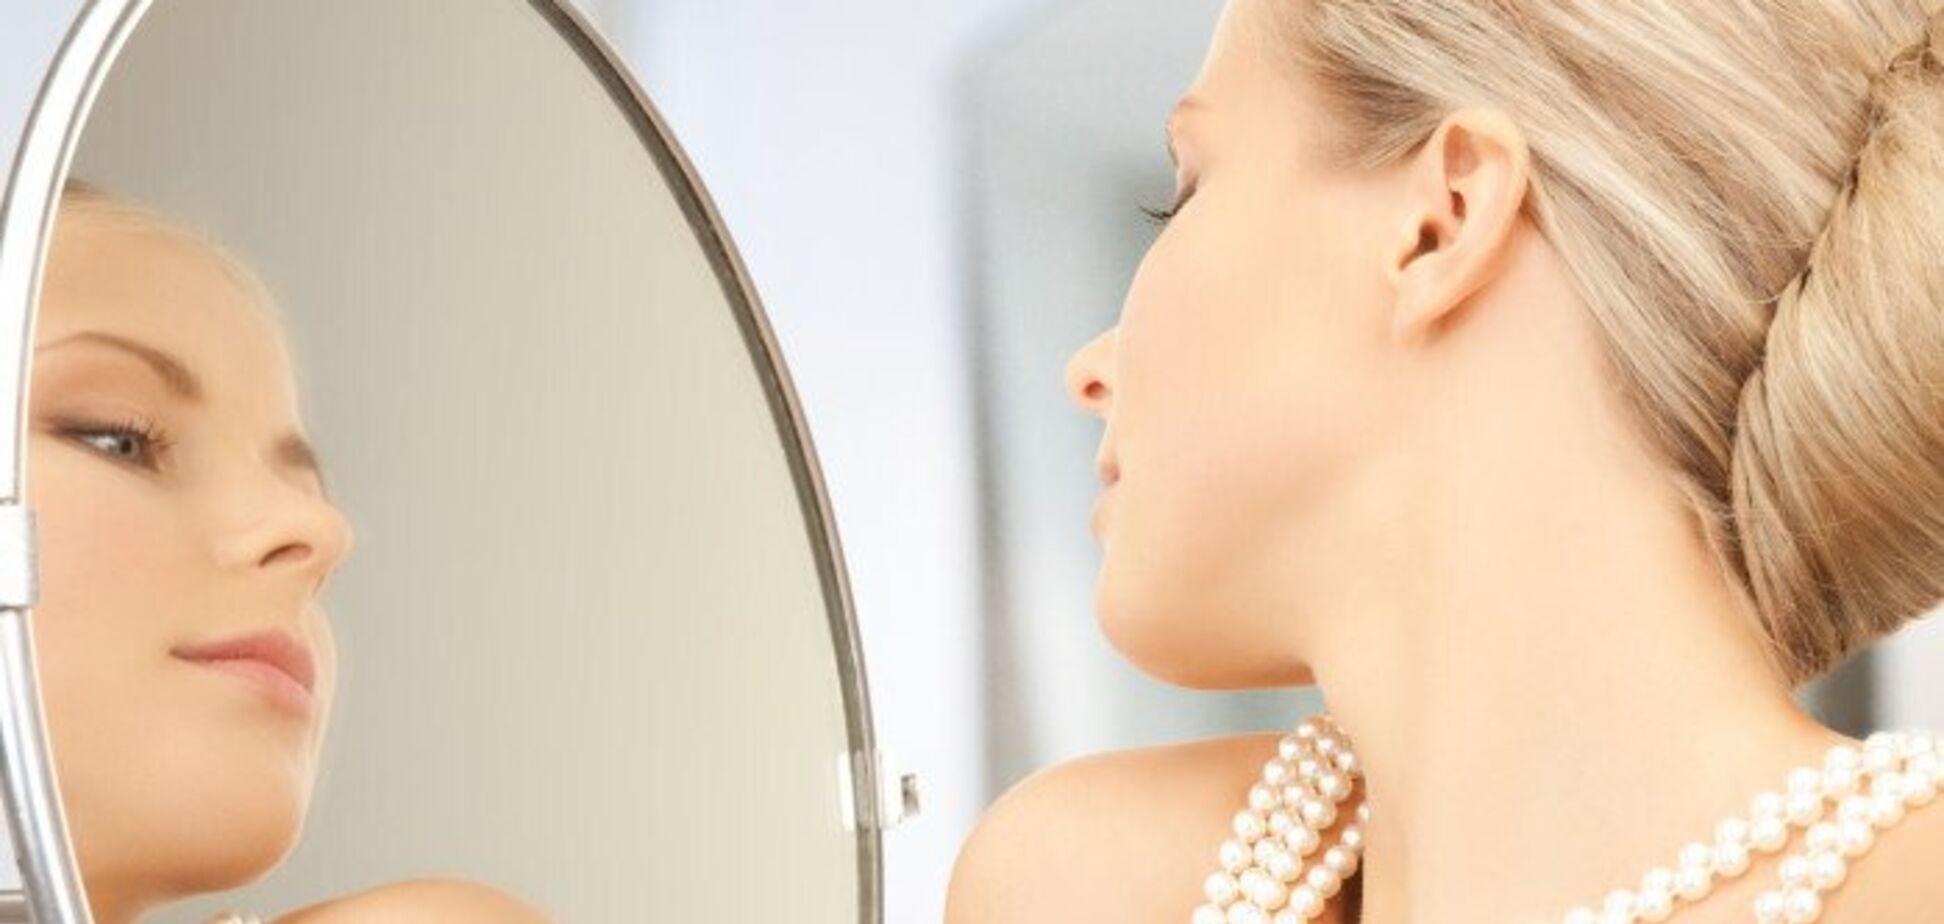 Діагностика в дзеркалі: названі красиві ознаки небезпечних хвороб